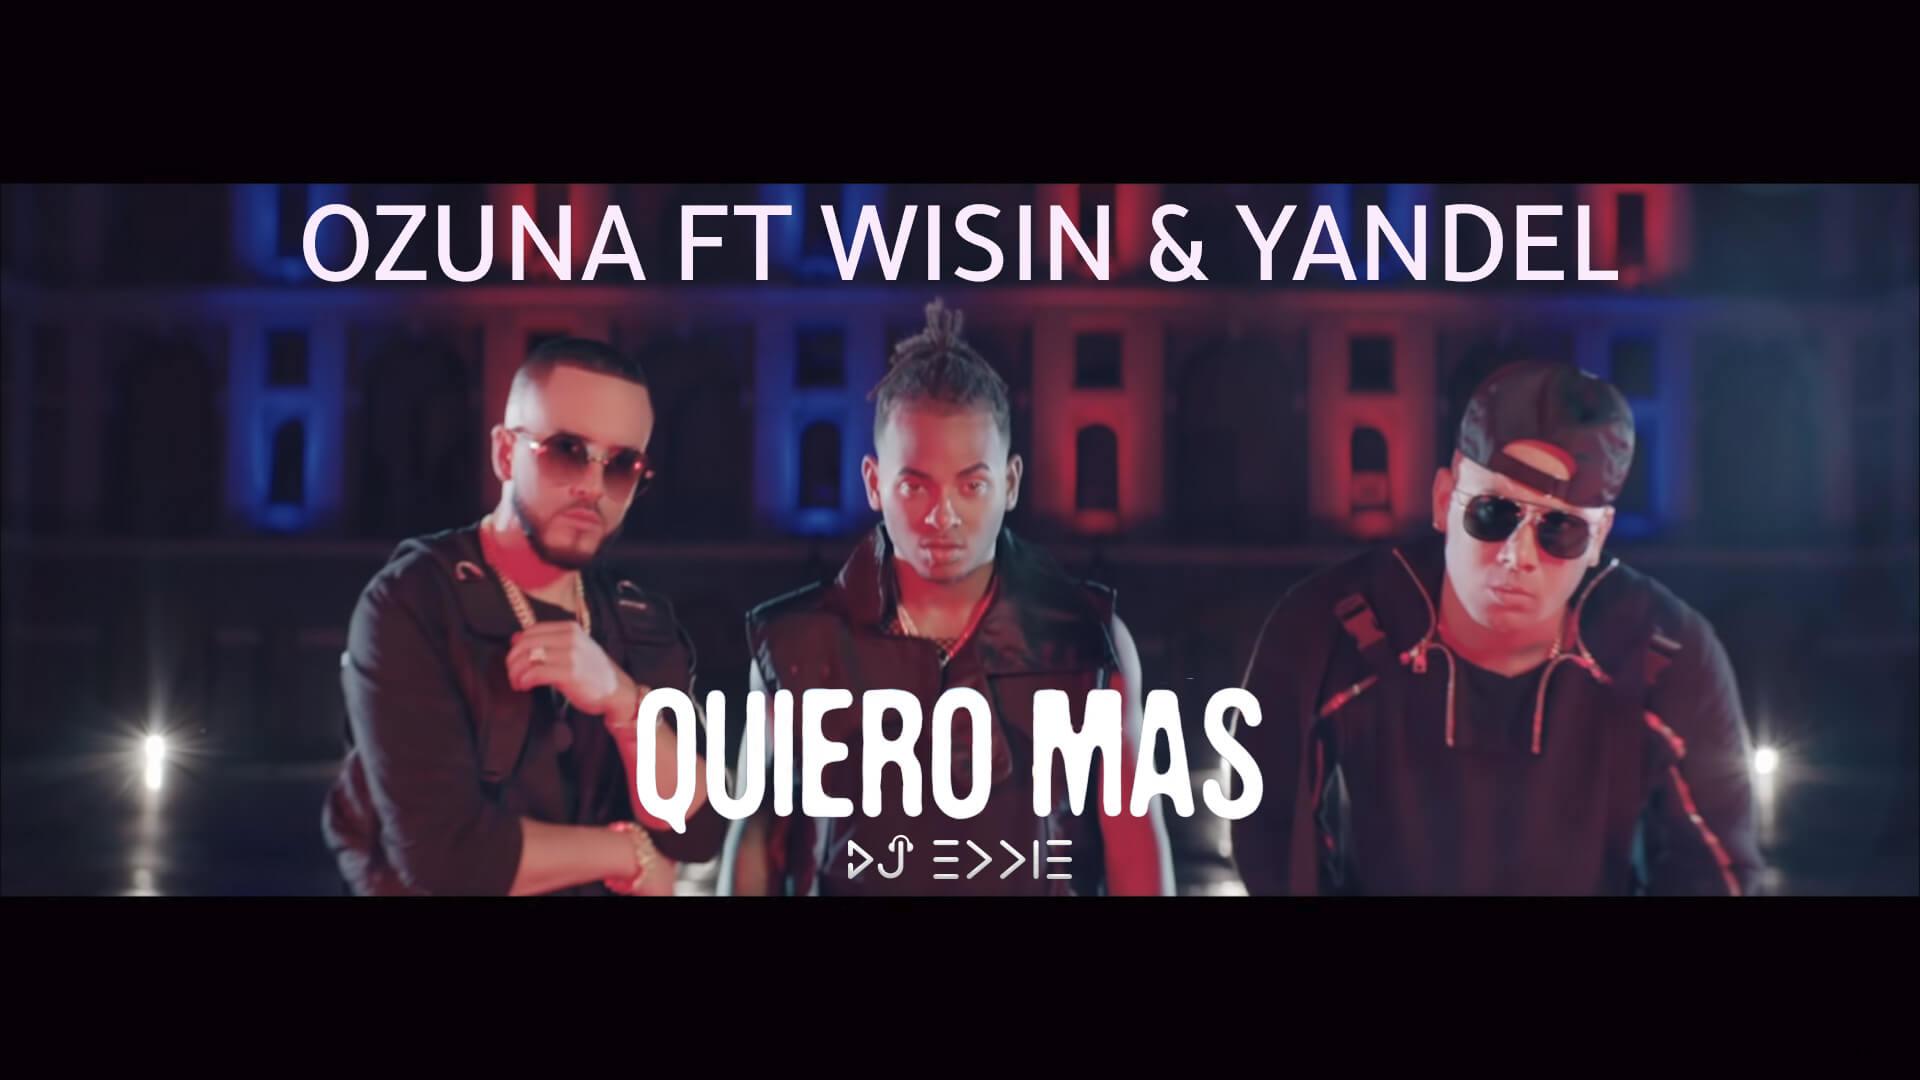 Ozuna ft Wisin & Yandel - Quiero Mas